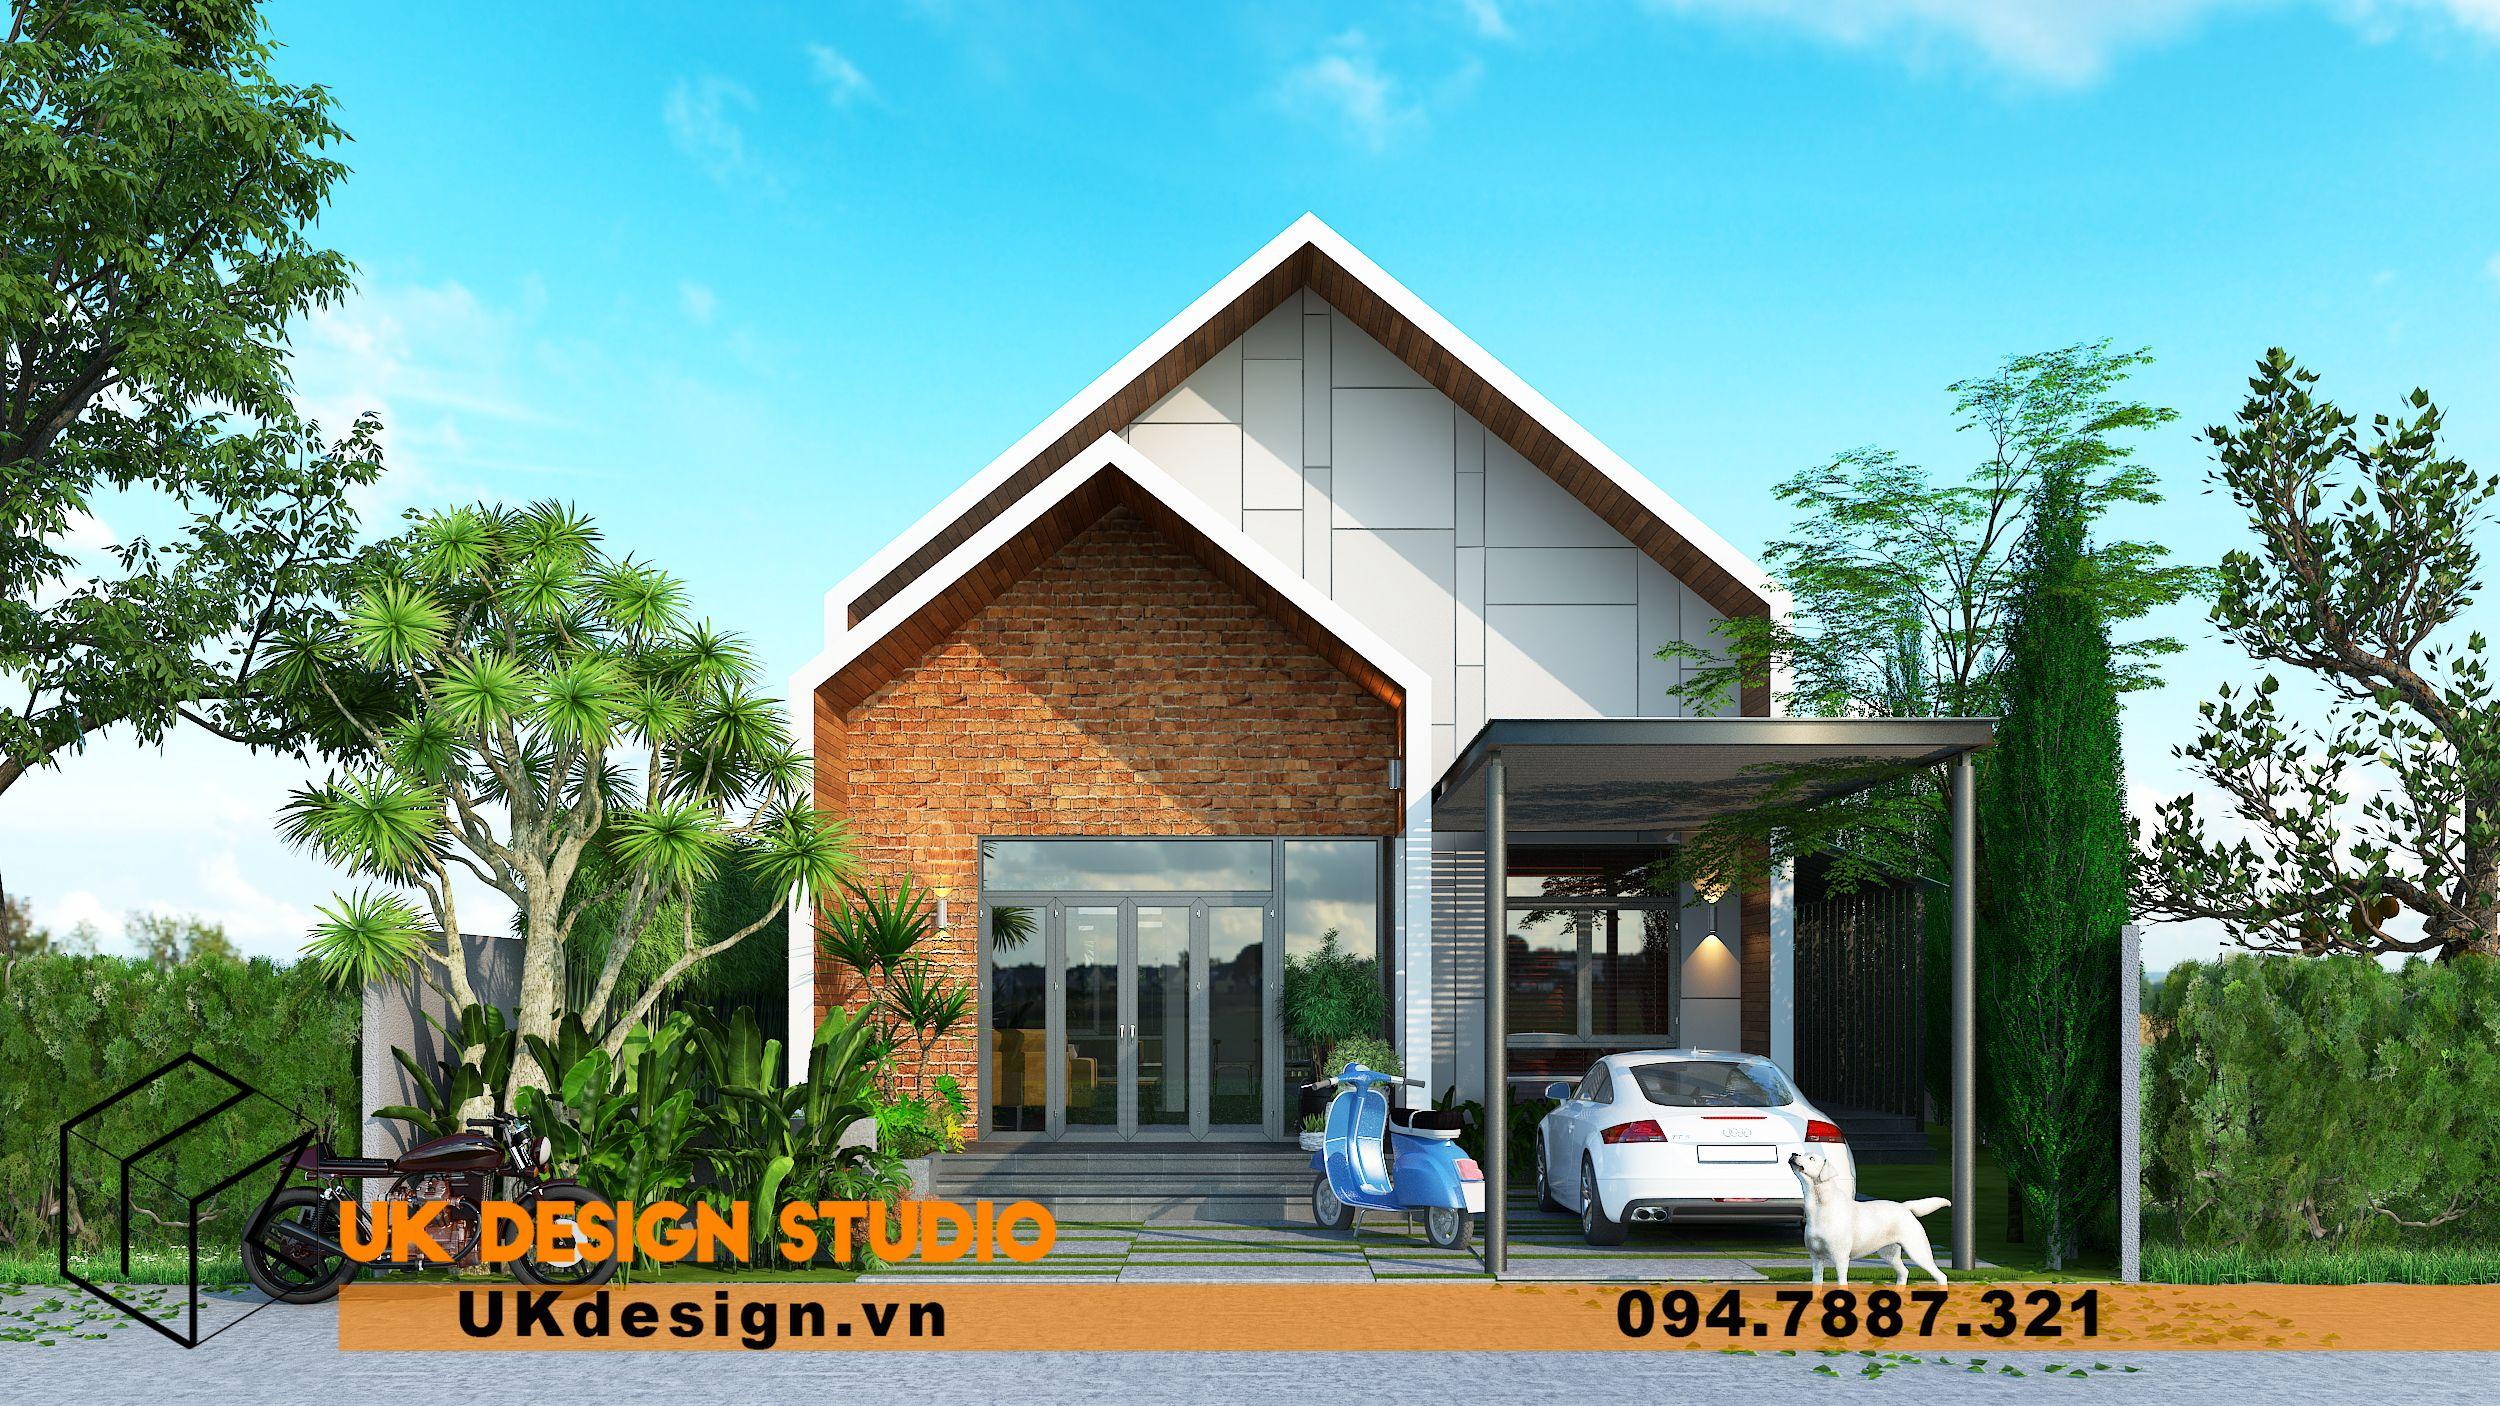 Thiết kế biệt thự 2 tầng phong cách hiện đại mái nhọn 8